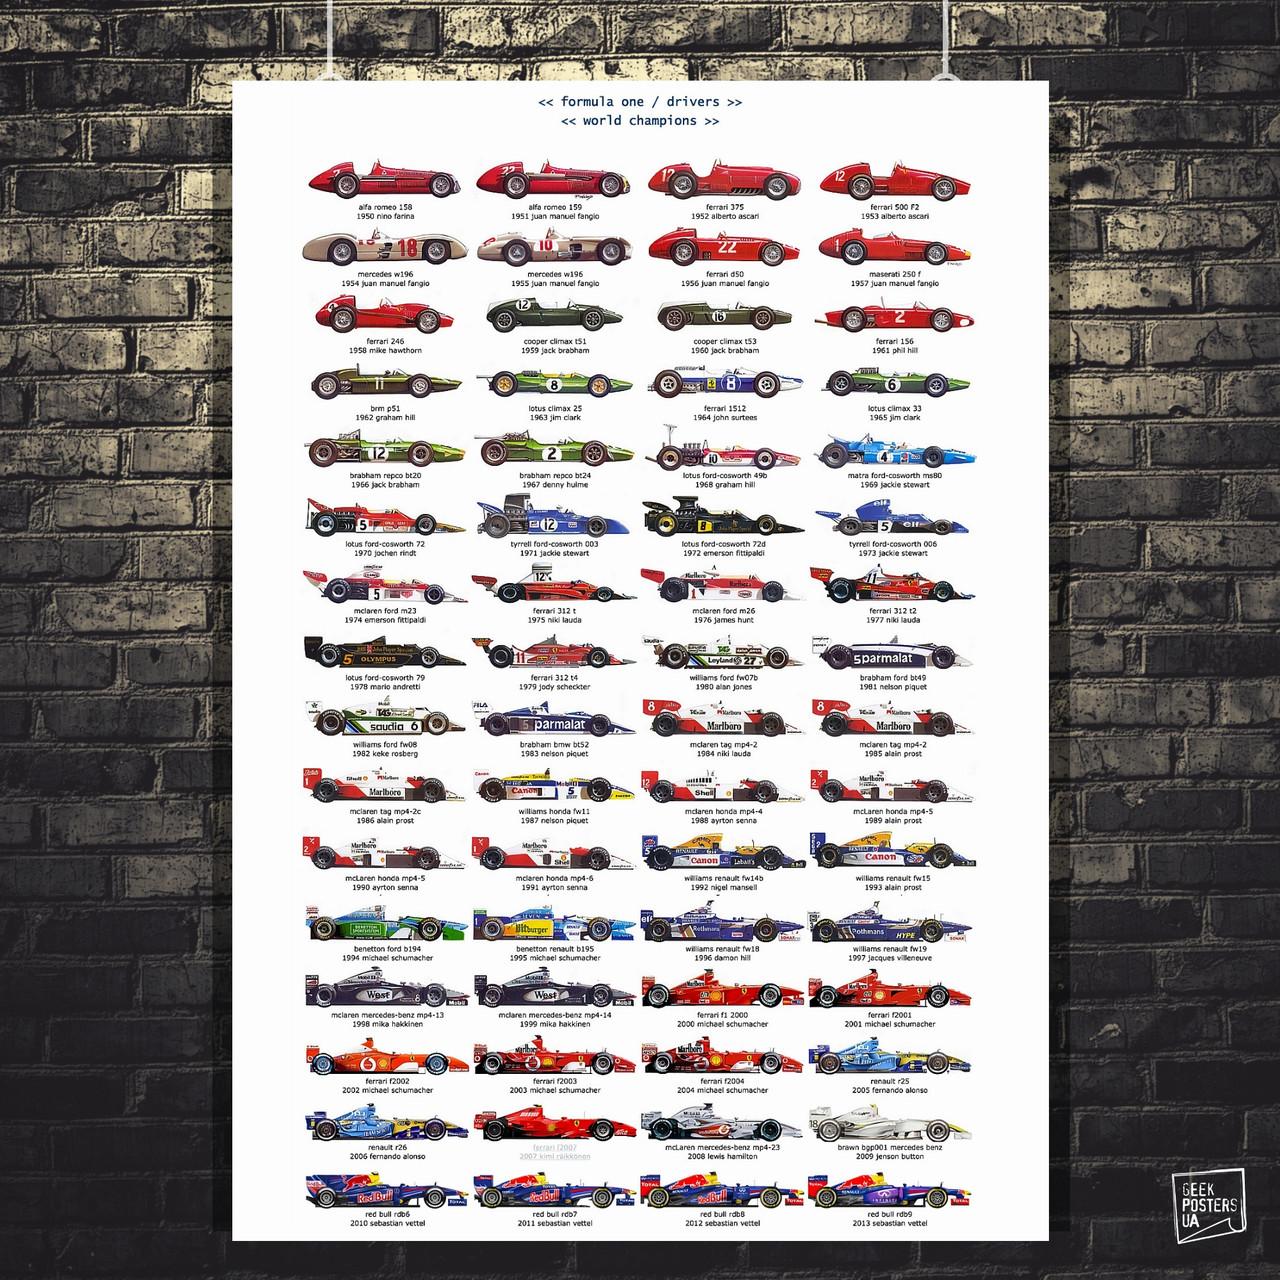 Постер Формула 1, мировые чемпионы 1950-2013 годов. Formula 1, F1, Ф1, гонки, машины, авто. Размер 60x43см (A2). Глянцевая бумага